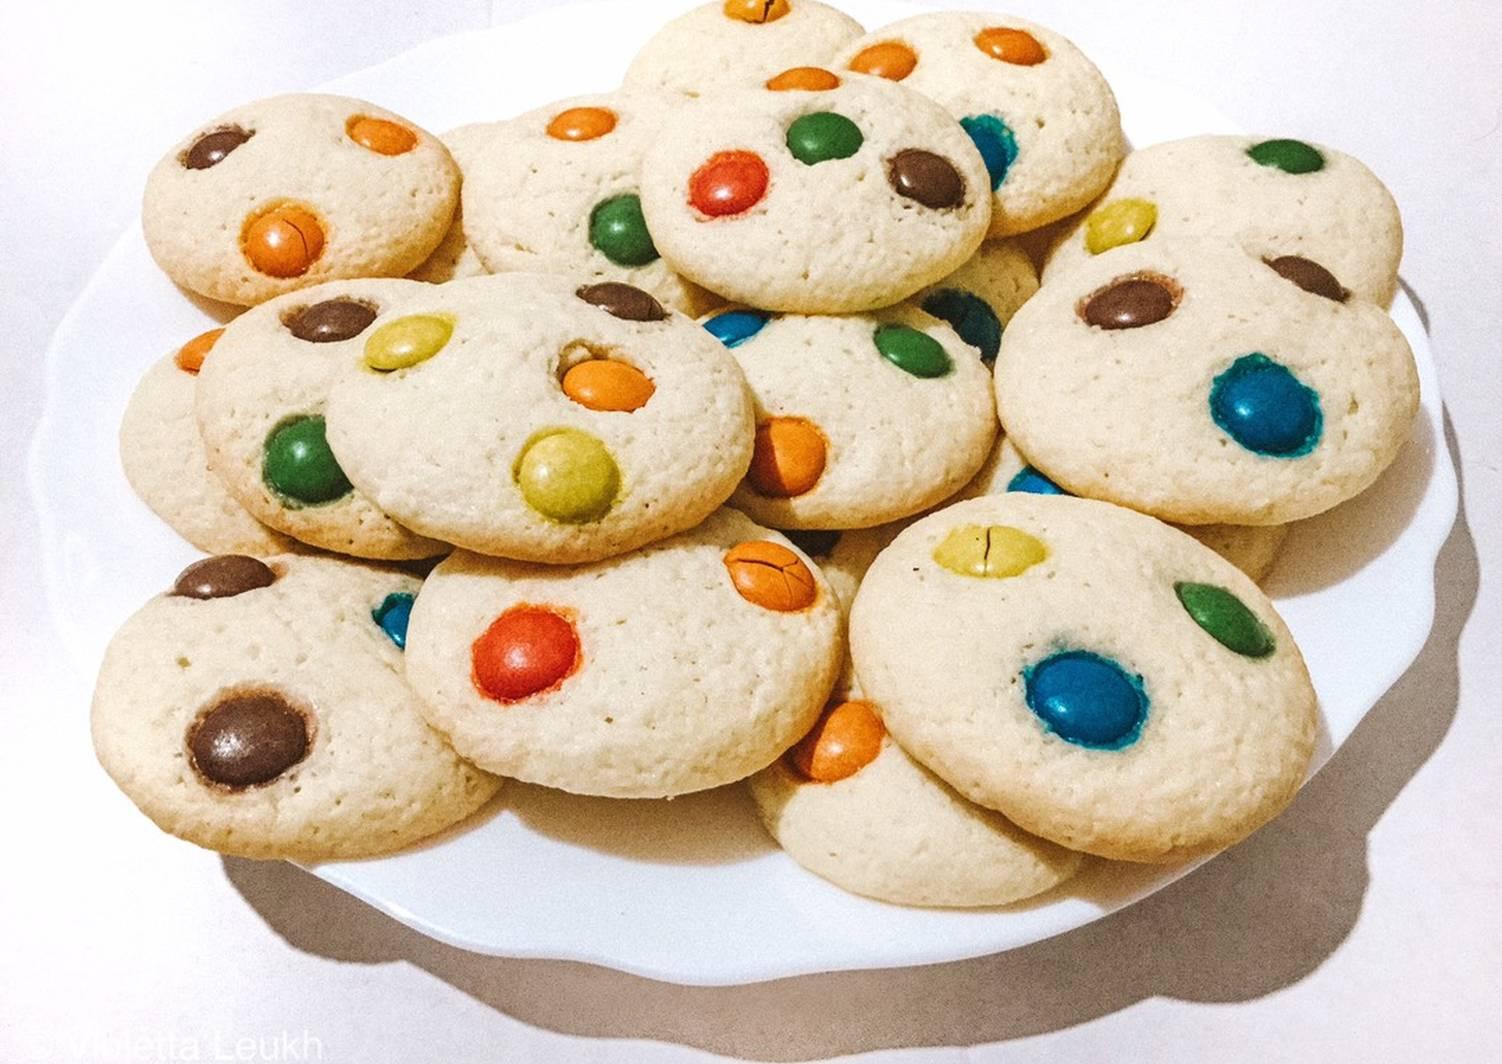 жрецы рецепт печенья ммдемс с фото классический вариант вручить